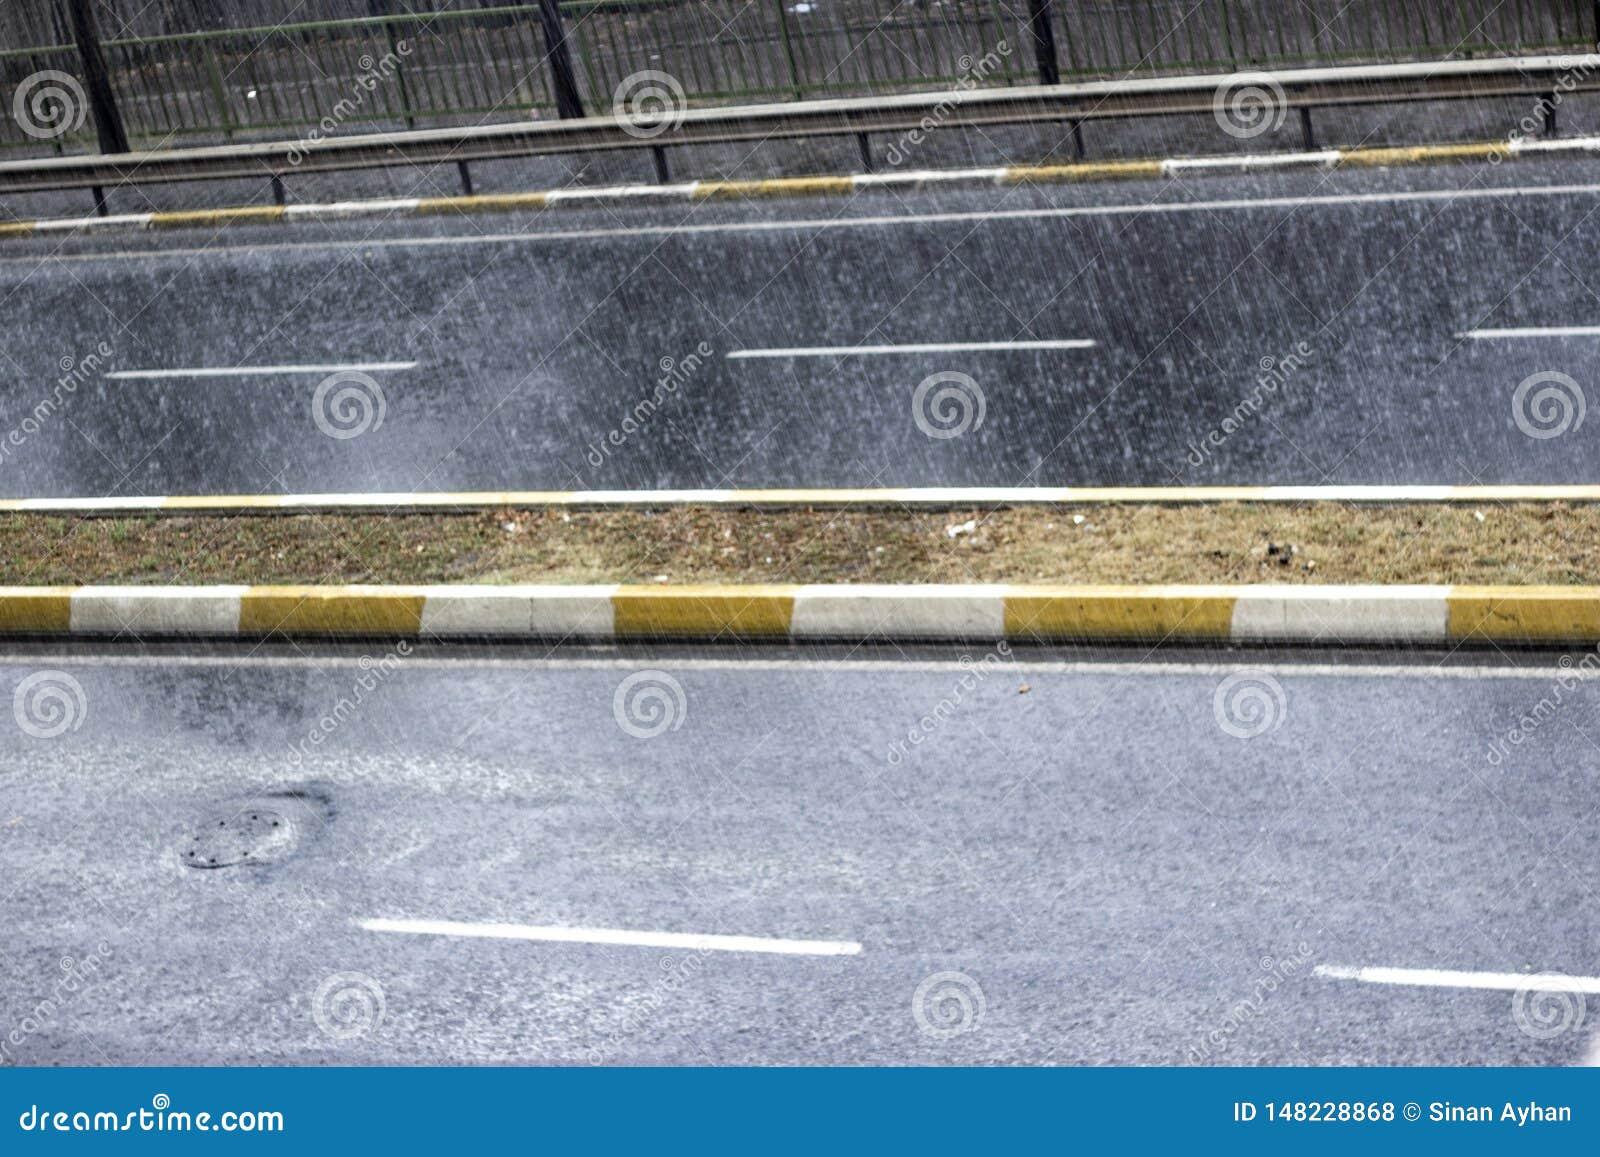 雨珠顶视图在街道上落